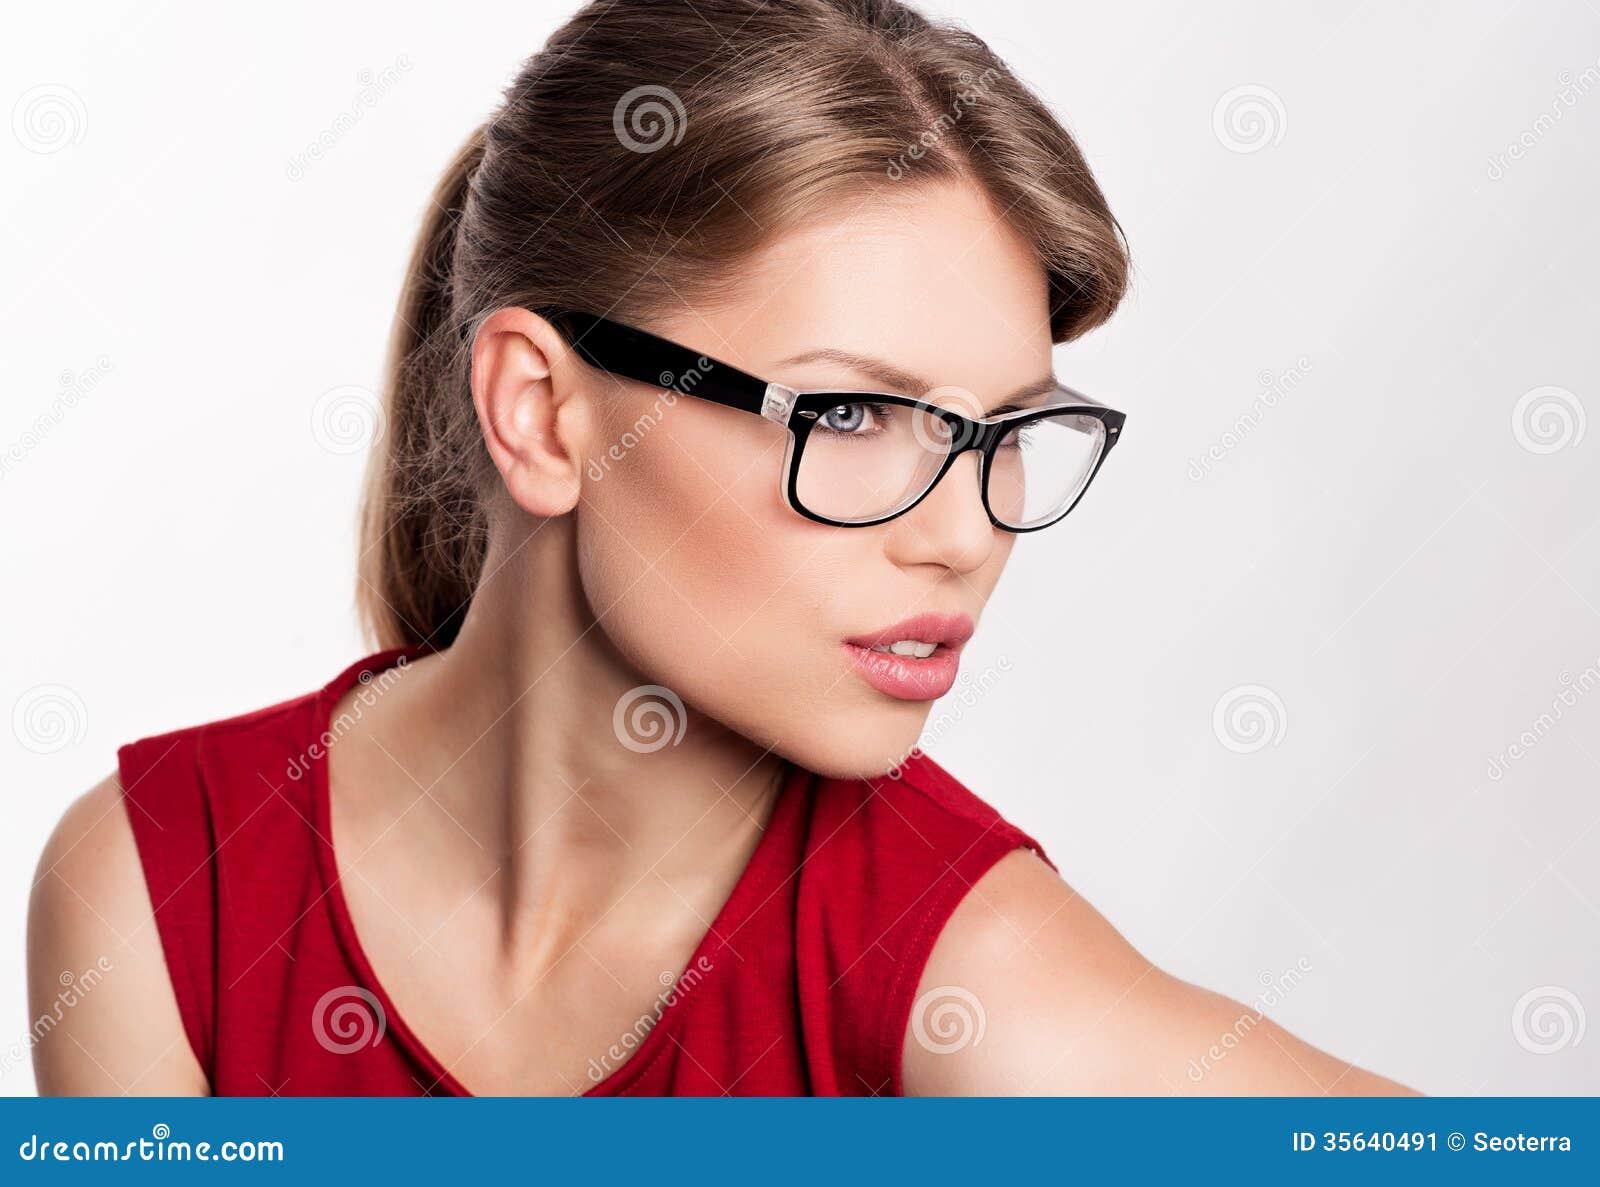 37062268f4 Mujer de la moda en lentes imagen de archivo. Imagen de marco - 35640491